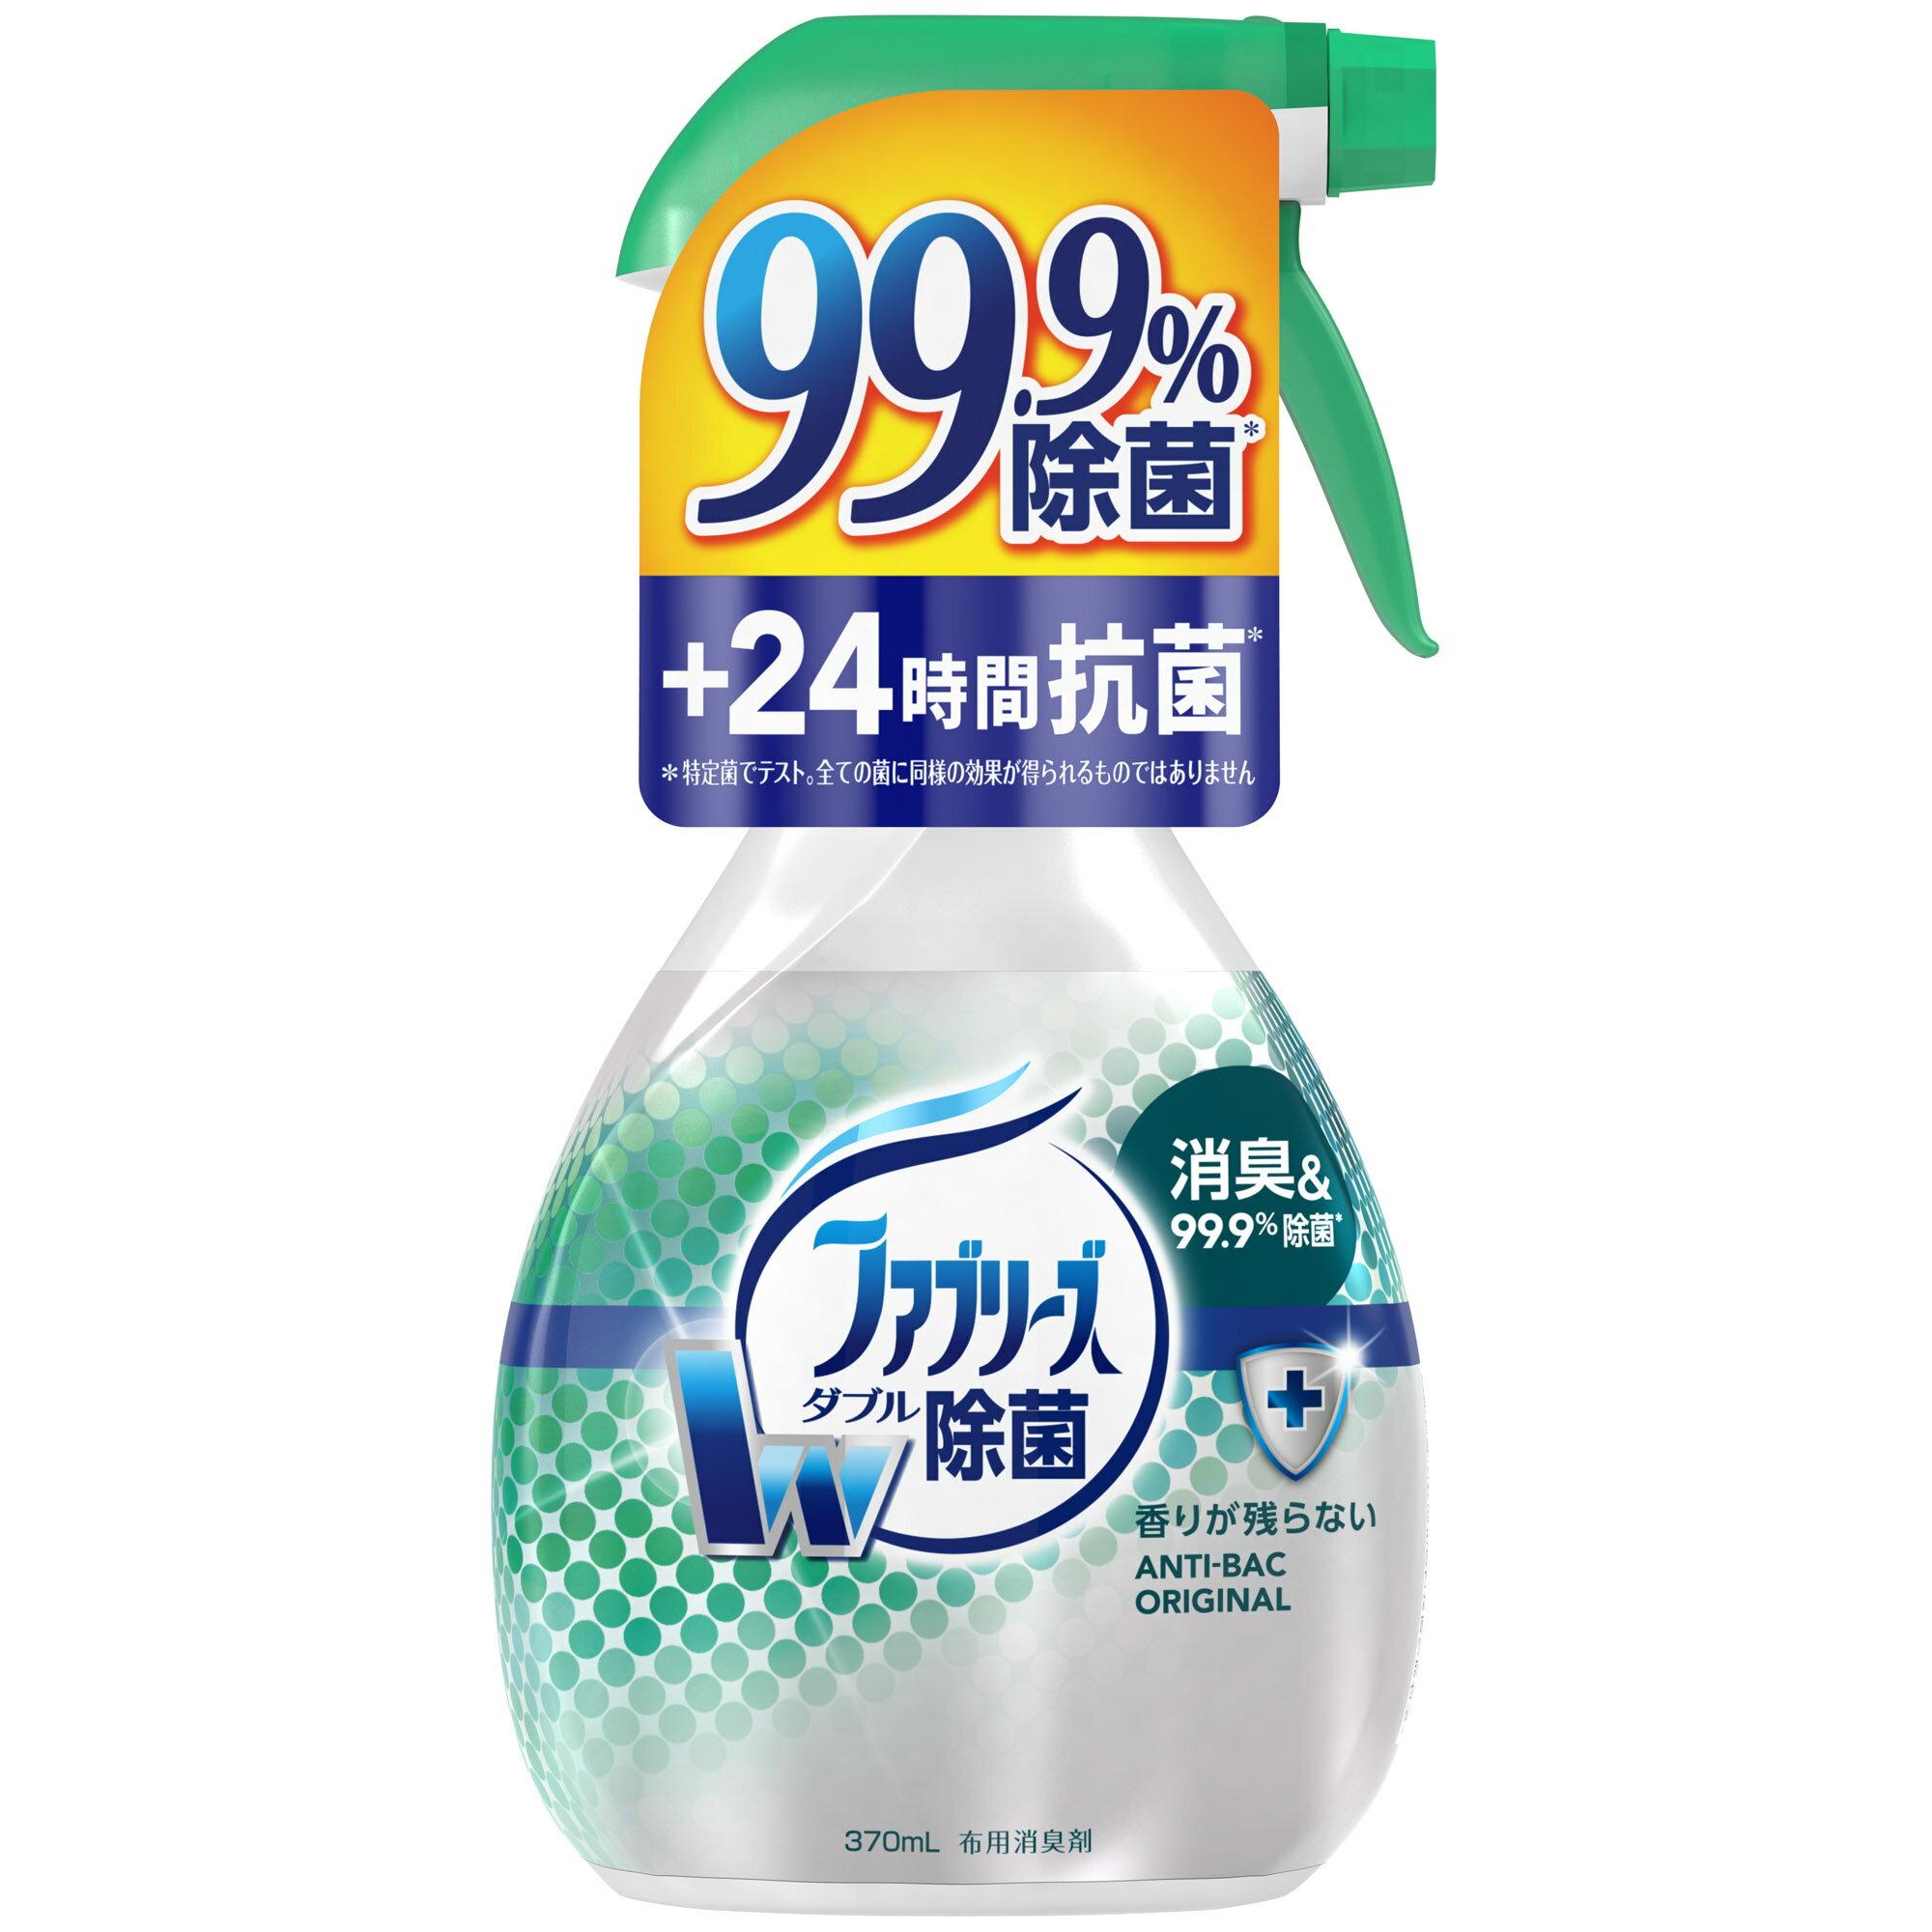 日本P&G 風倍清 Febreze 雙倍除菌布類香氛噴霧370m (清新香)(日本原裝進口)